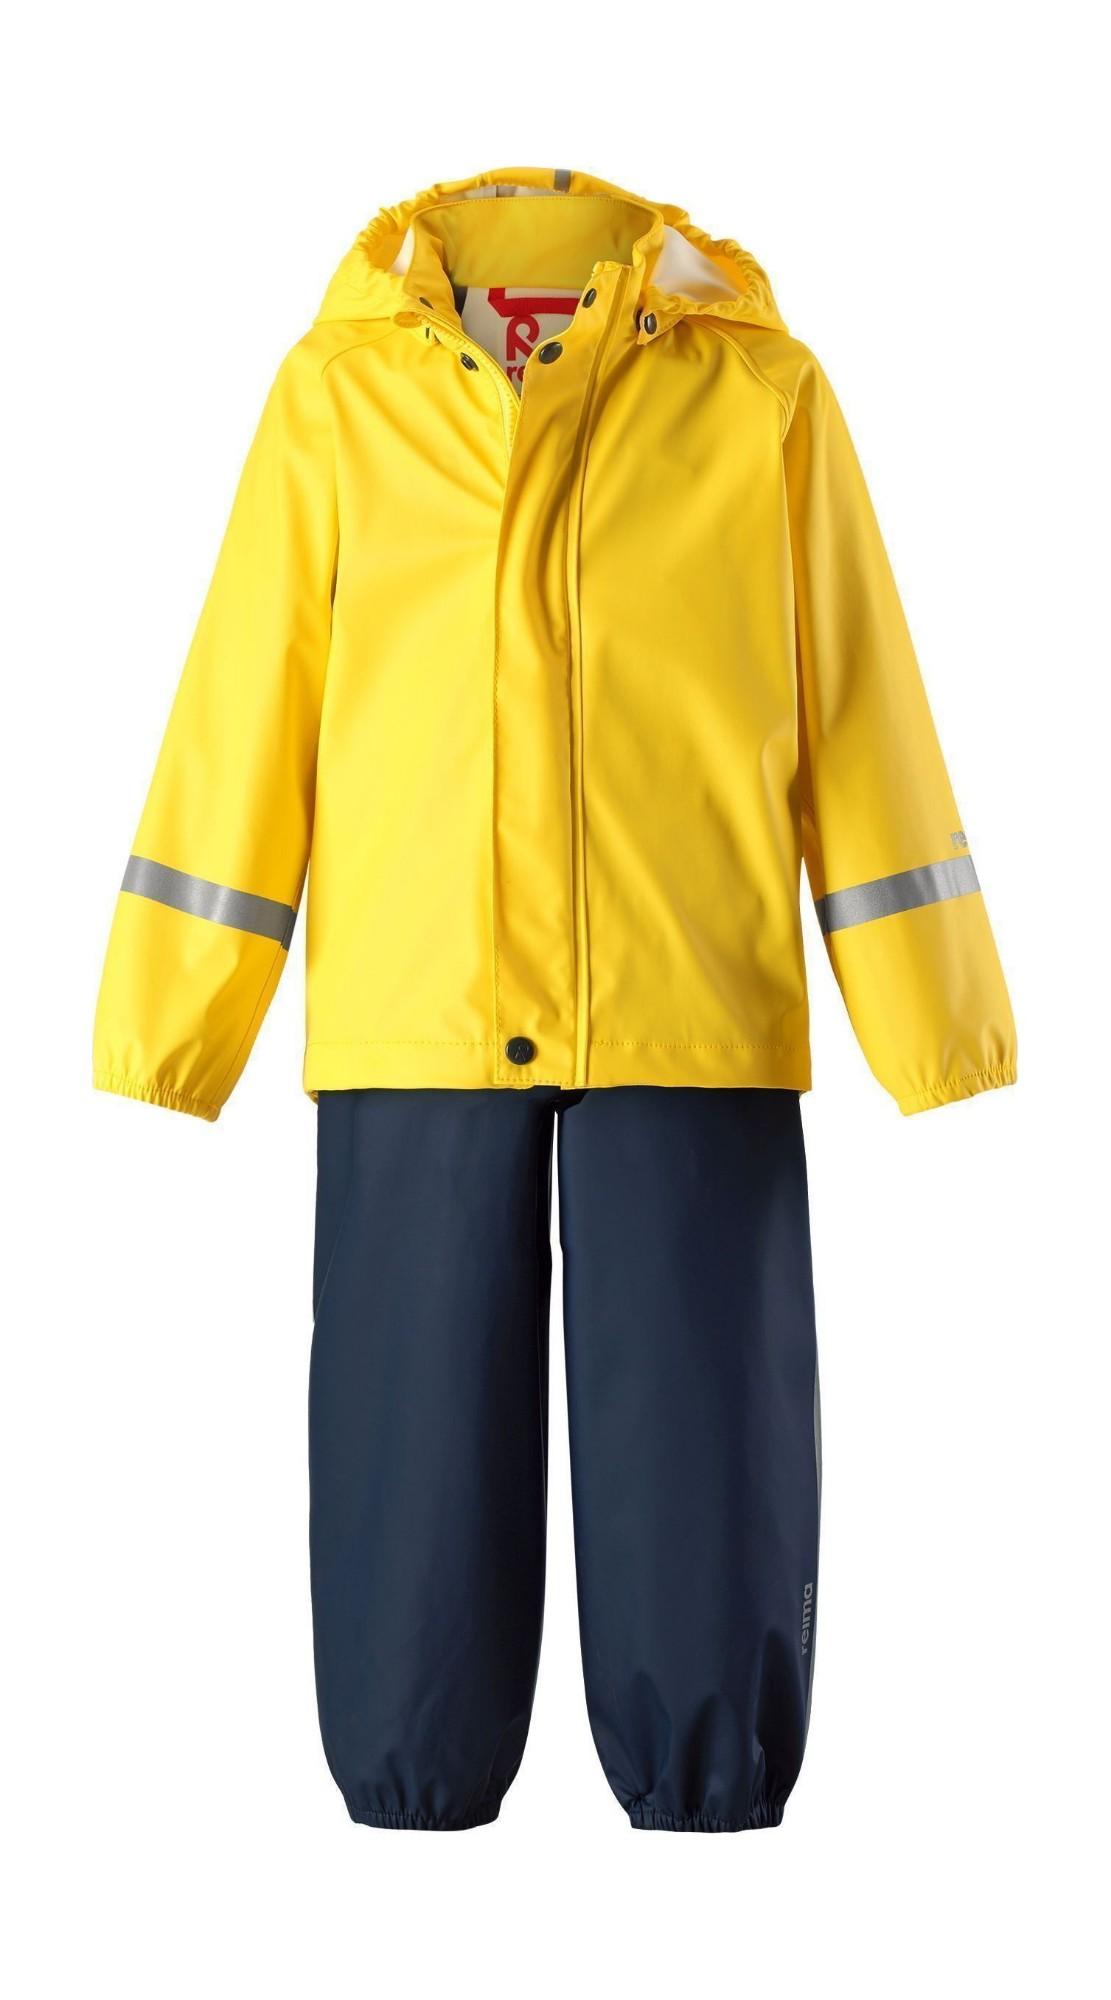 REIMA Tihku Yellow 235A 116